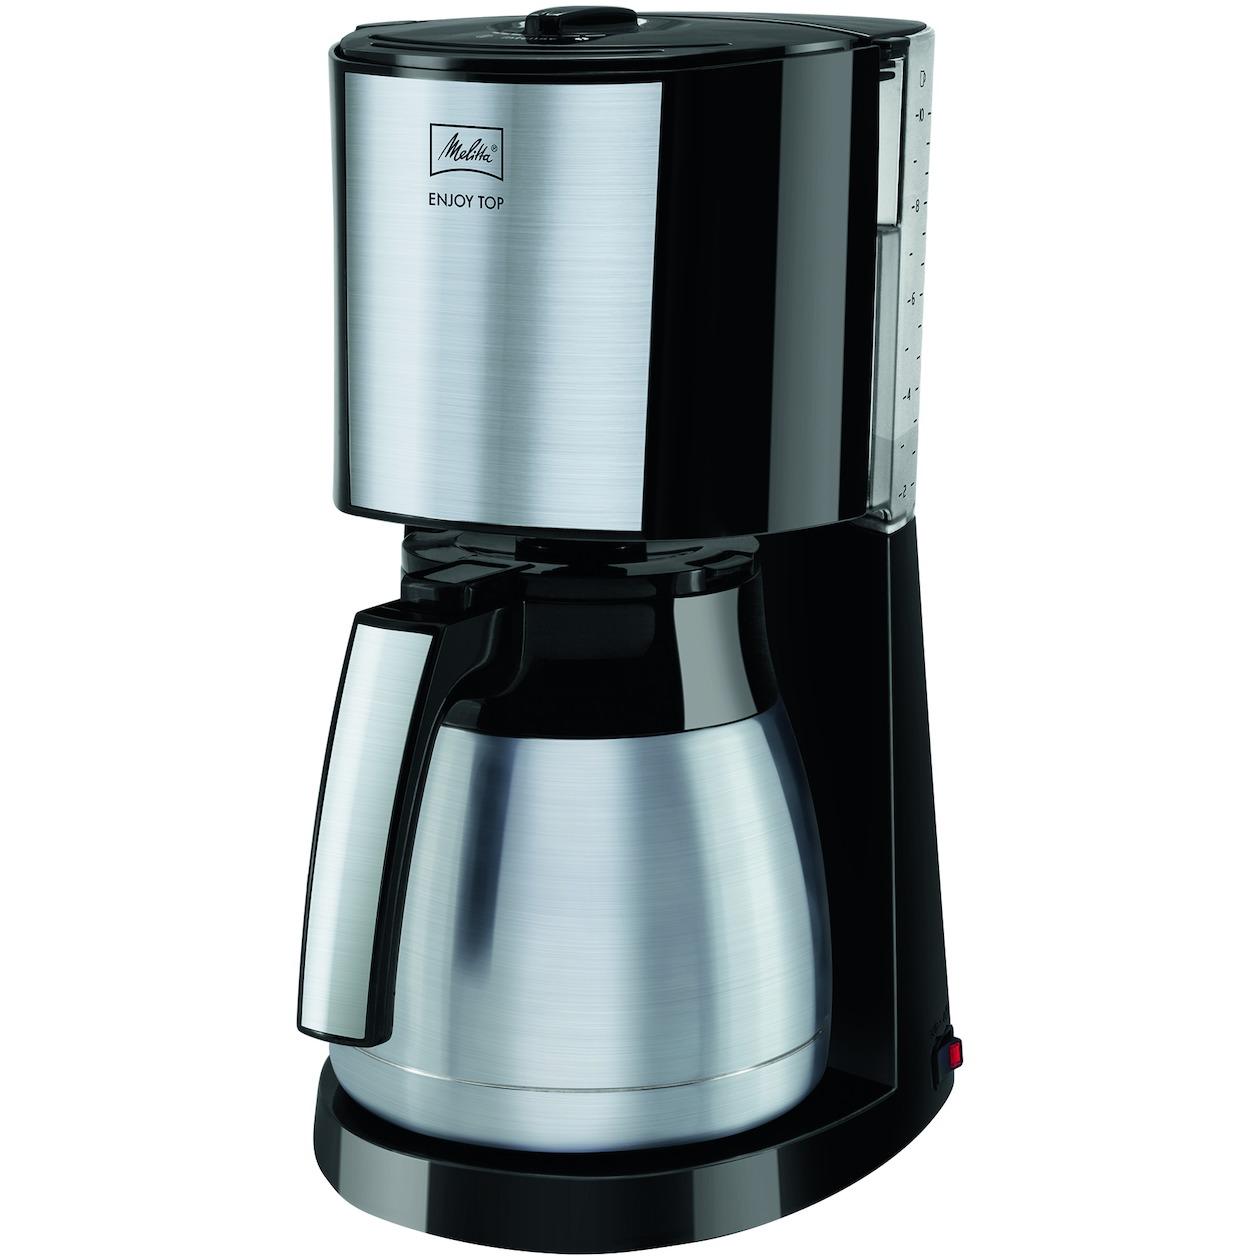 Melitta koffiefilter apparaat Enjoy Top Therm zwart